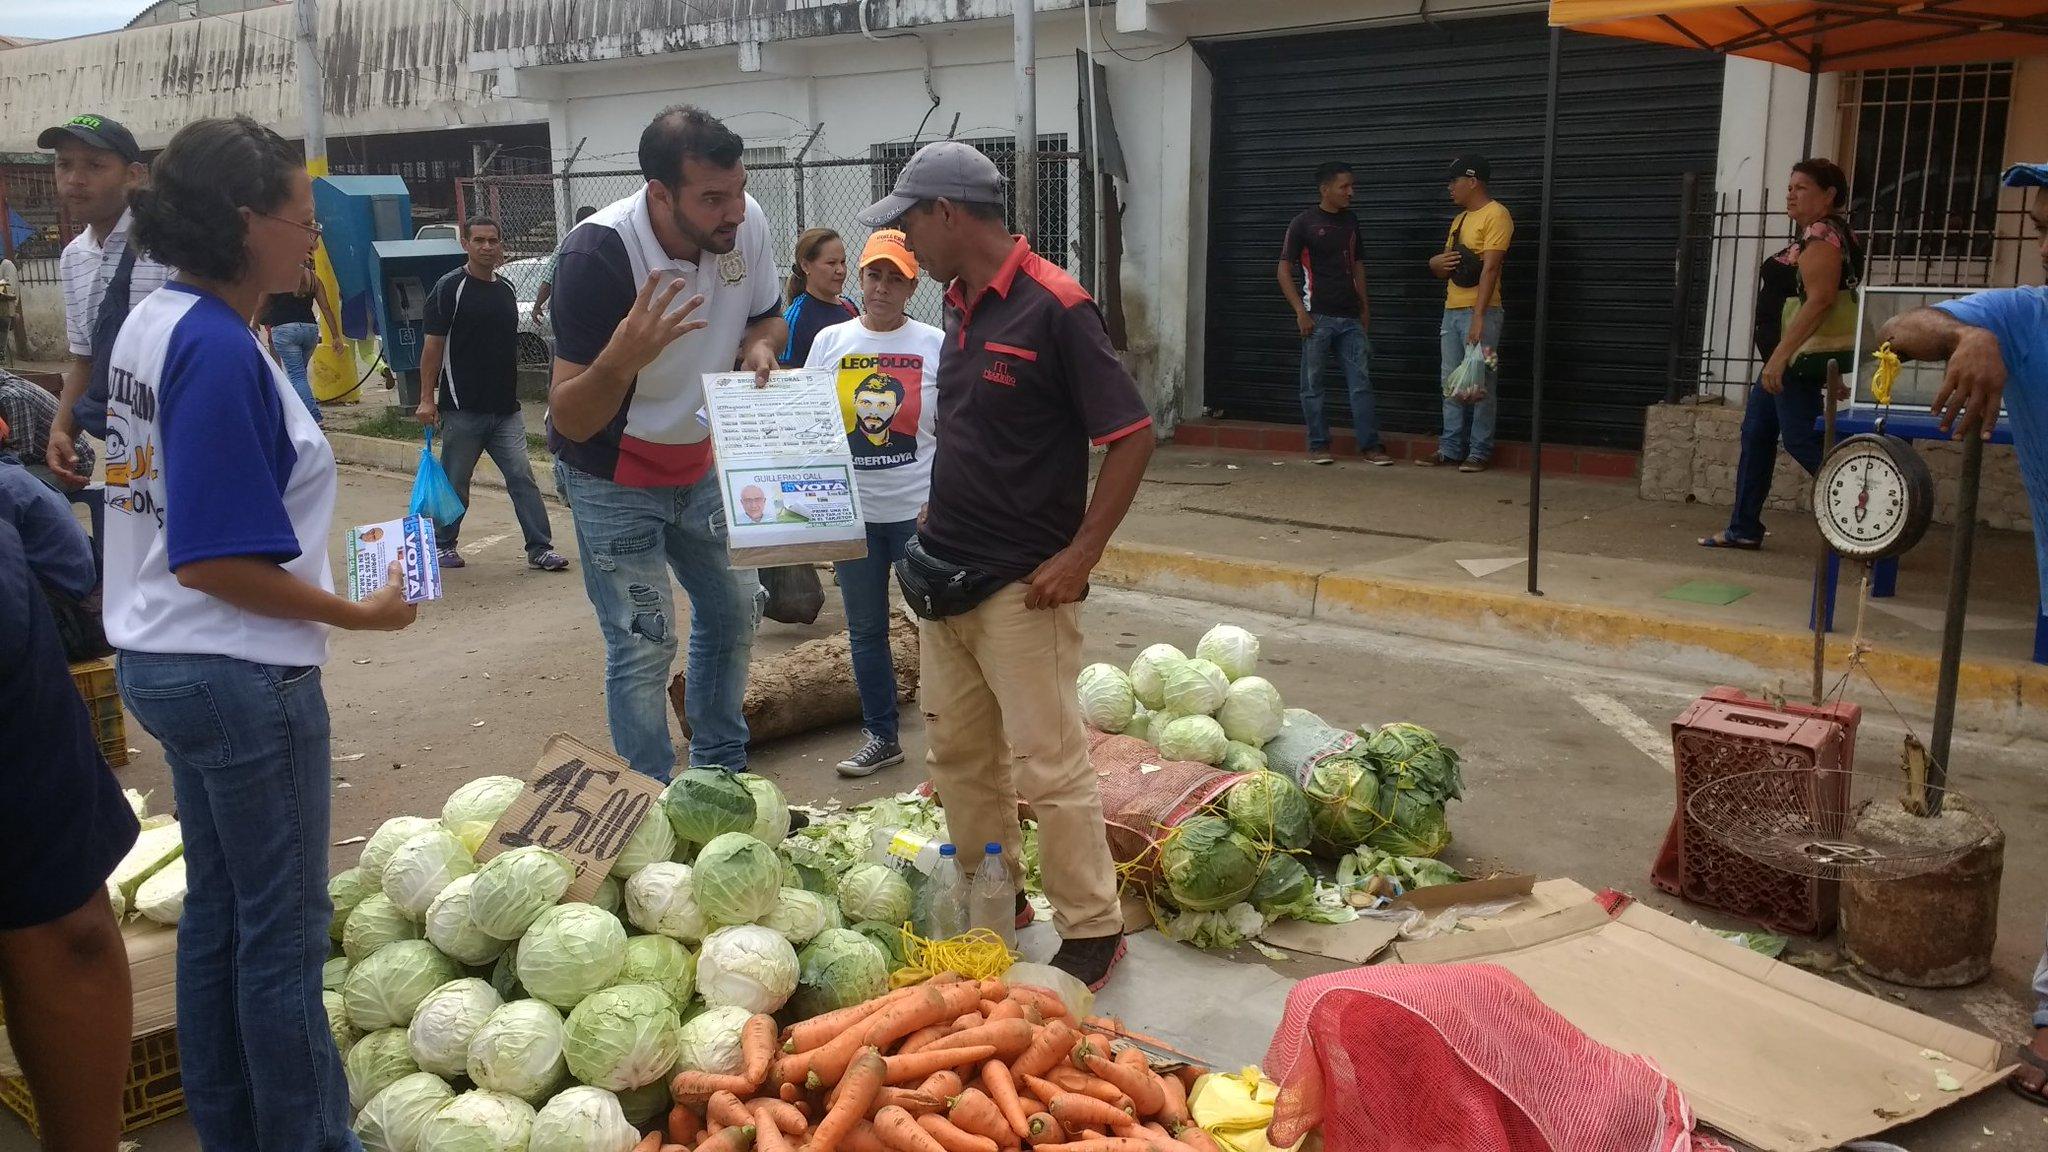 Hoy #7Oct estamos en el mercado de los bloques de #Maturin llevando el Msj del próximo Gobernador @Guillermo_Call https://t.co/eIpAoZNda5